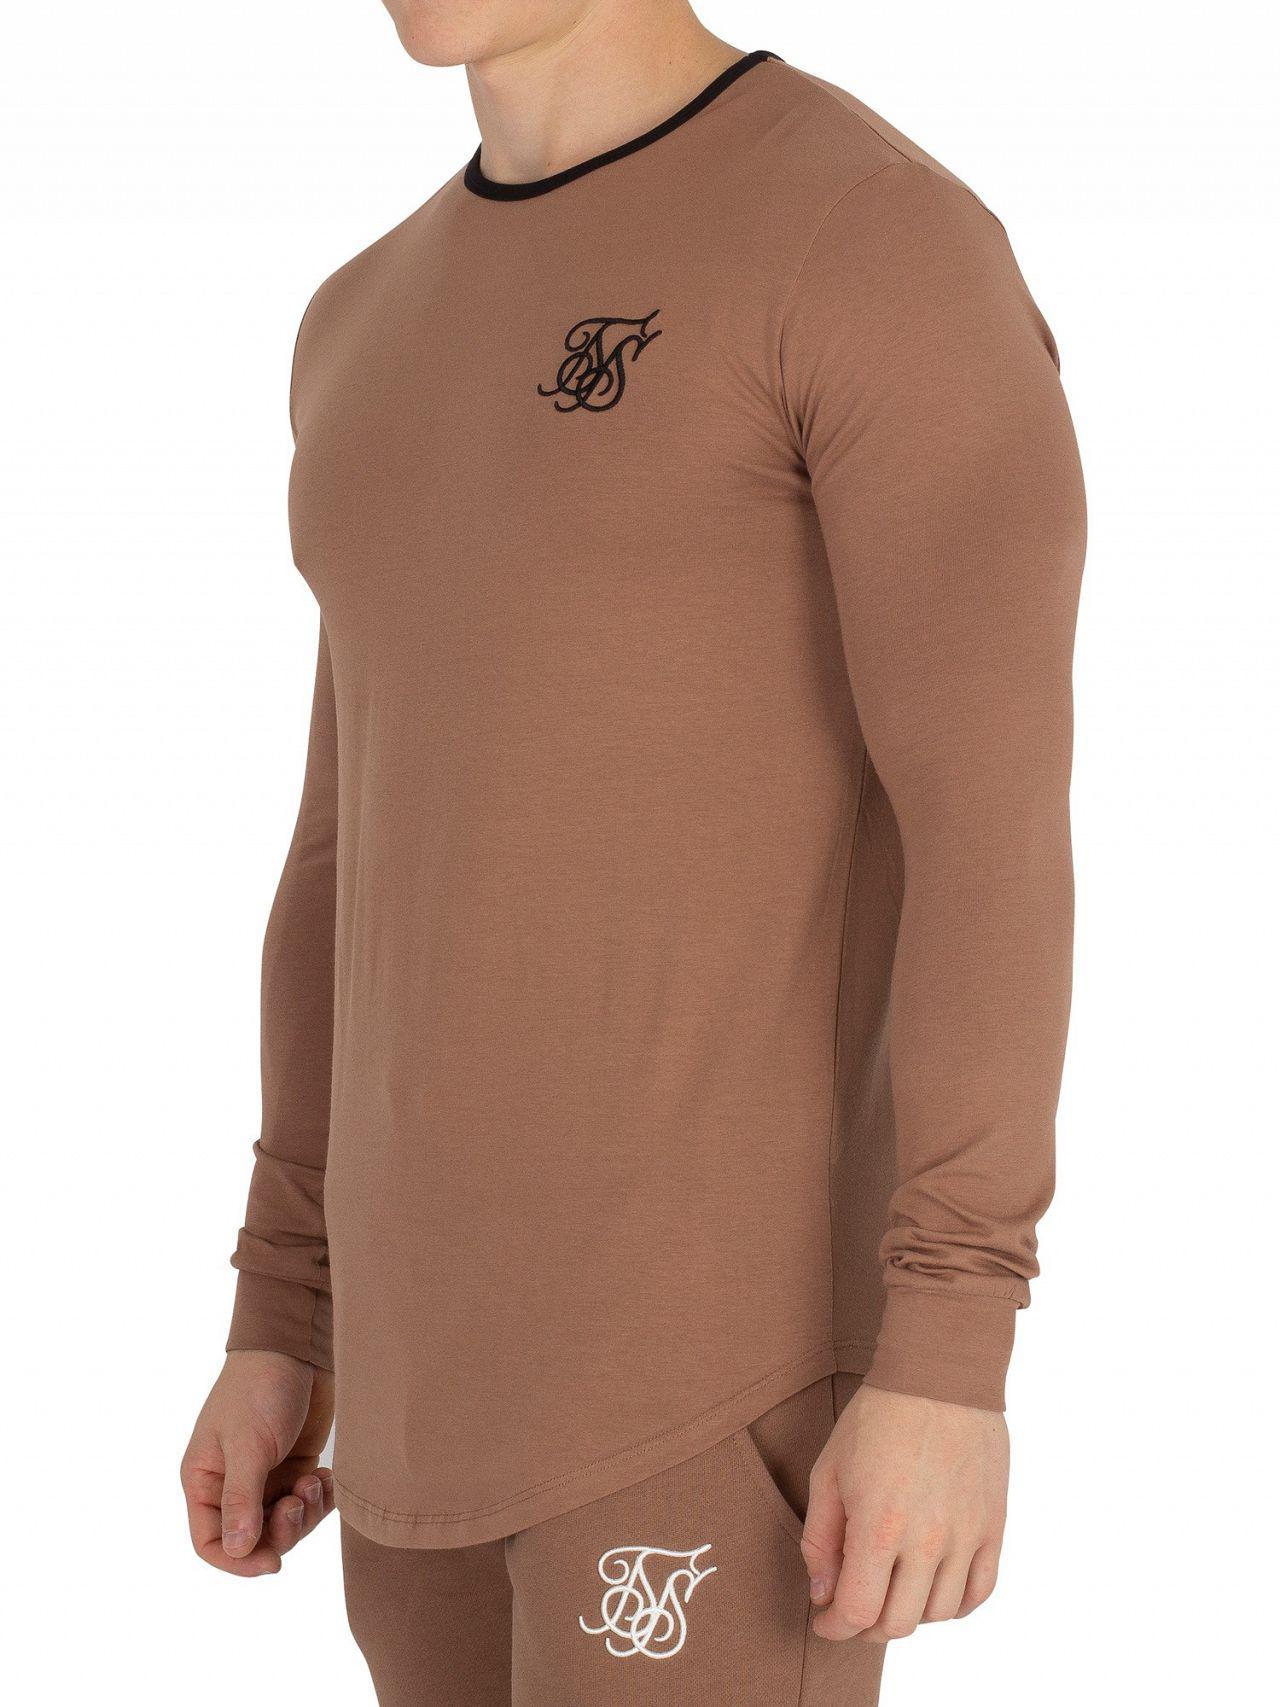 29a1268e07b4 Lyst - Sik Silk Tan Ringer Gym Longsleeved T-shirt in Brown for Men